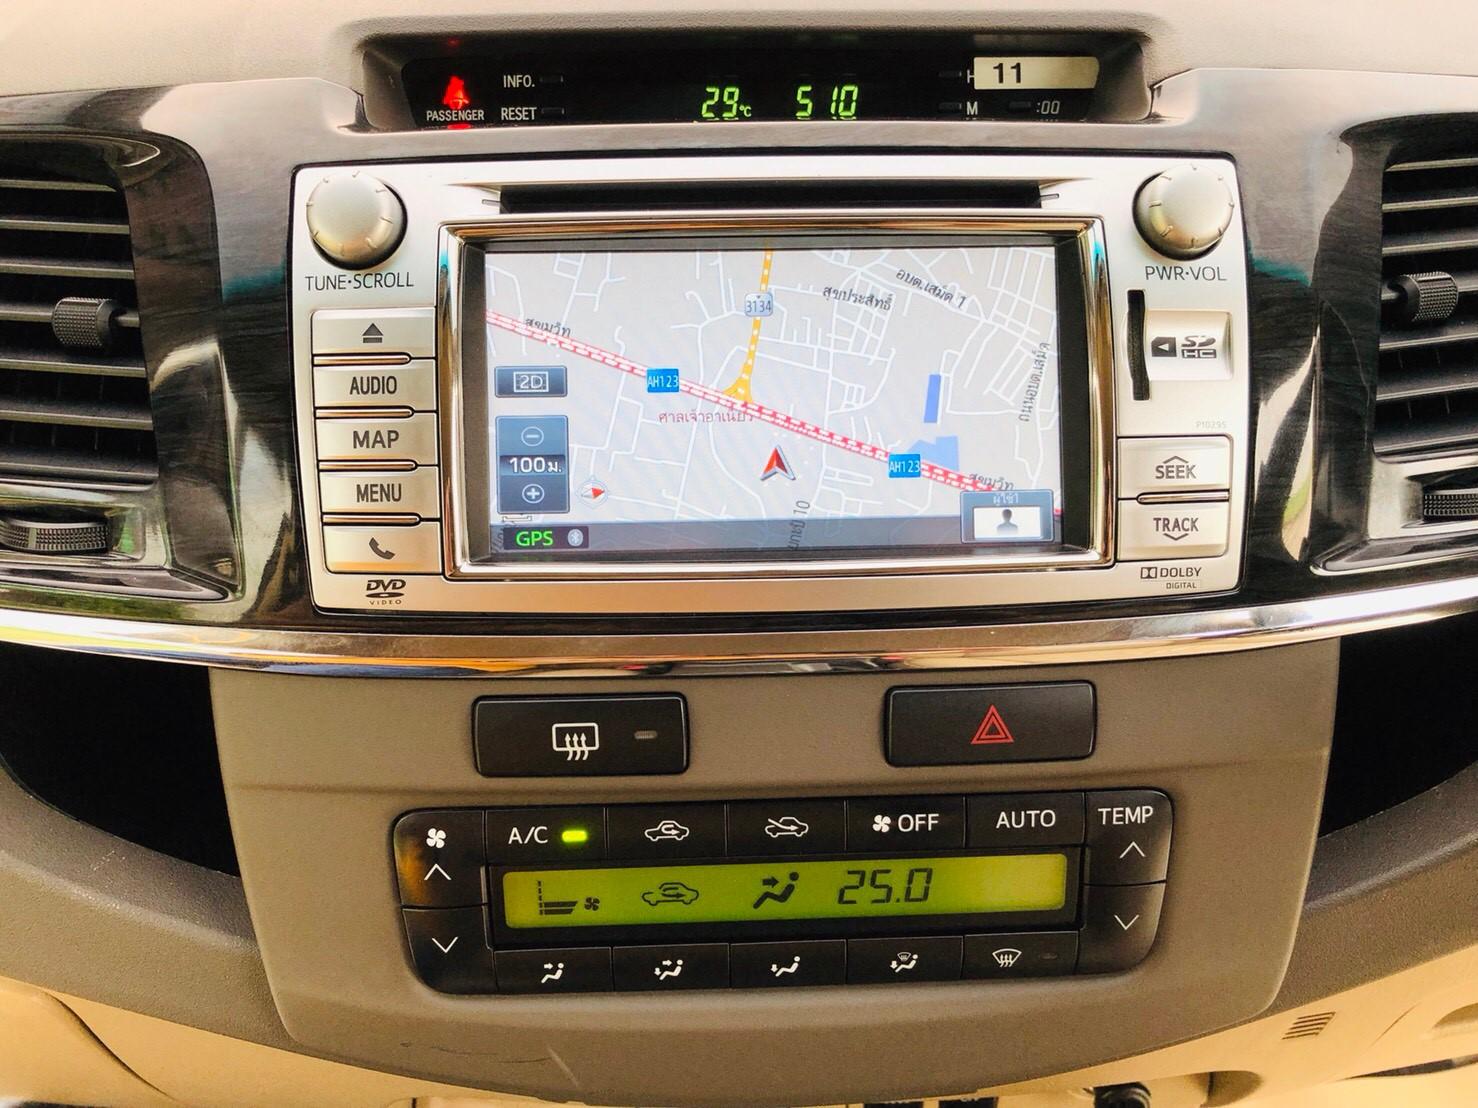 ภาพเครื่องเสียง โตโยต้า ฟอร์จูนเนอร์ 3.0 V 4WD ปี 2013